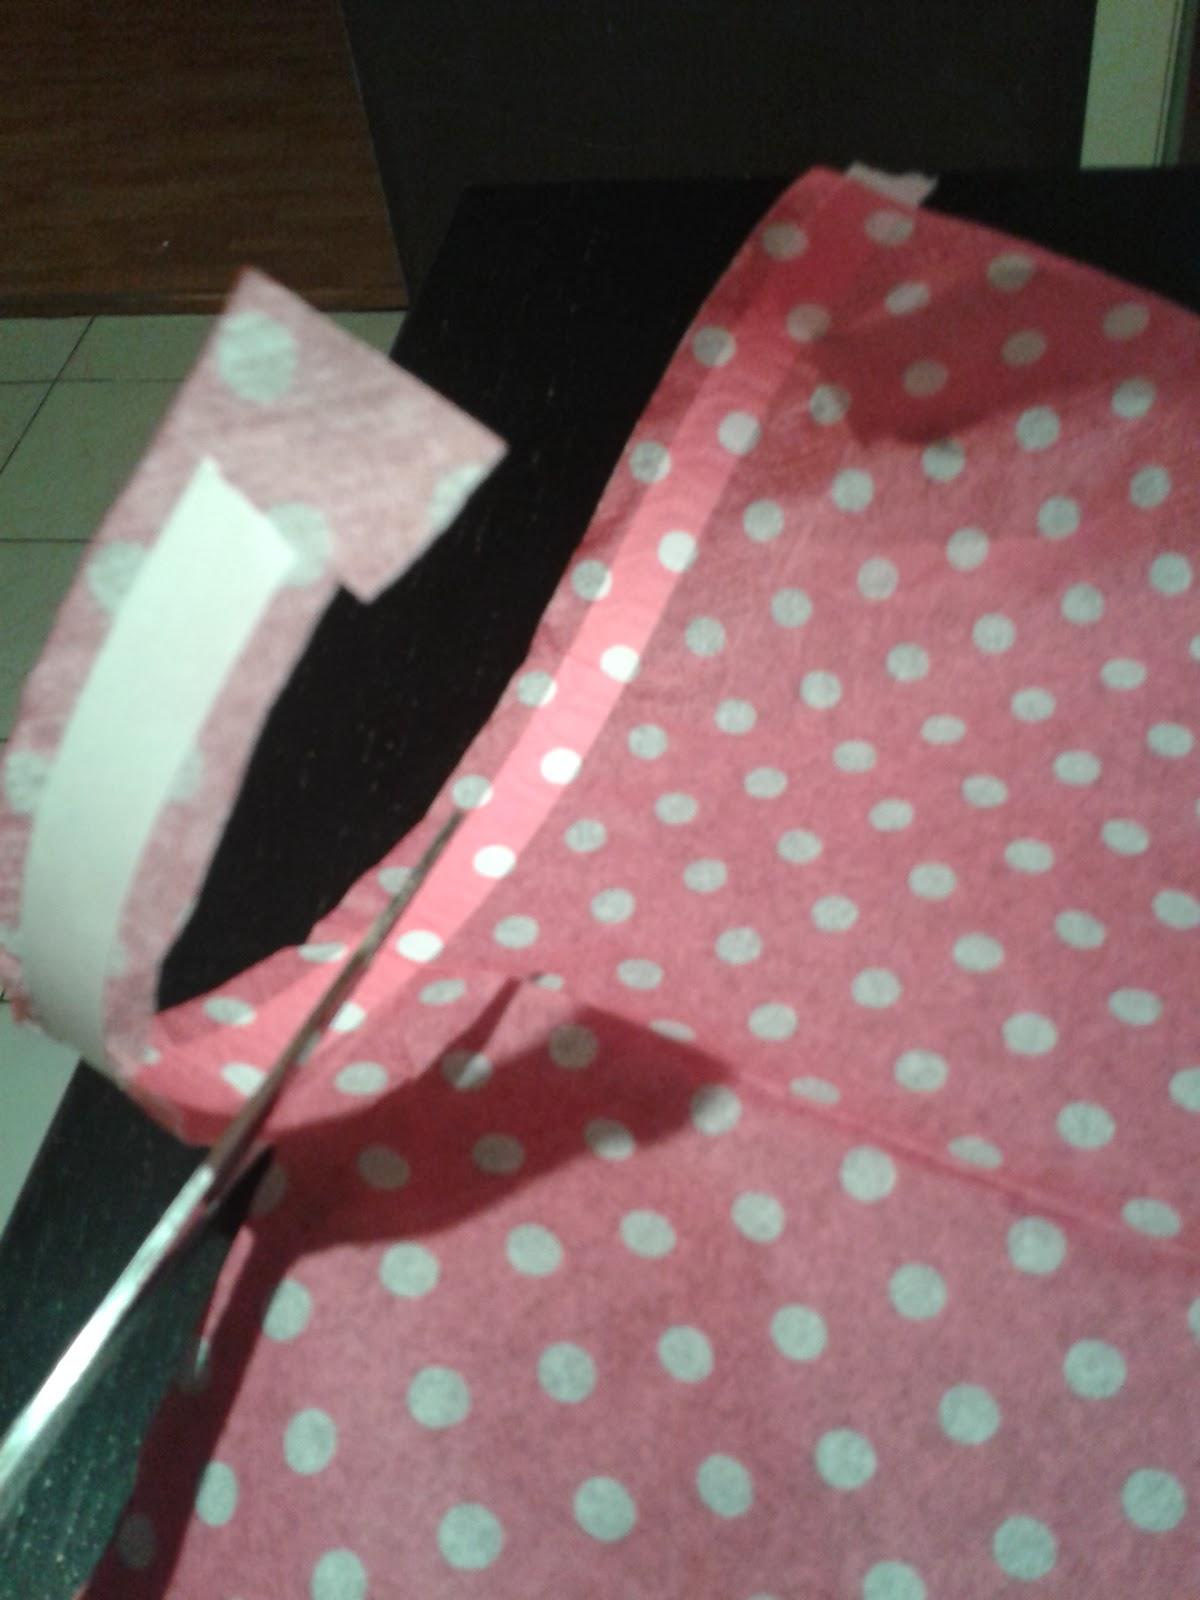 7a718 20140111 175018 - DIY | Washi tape (tutorial)